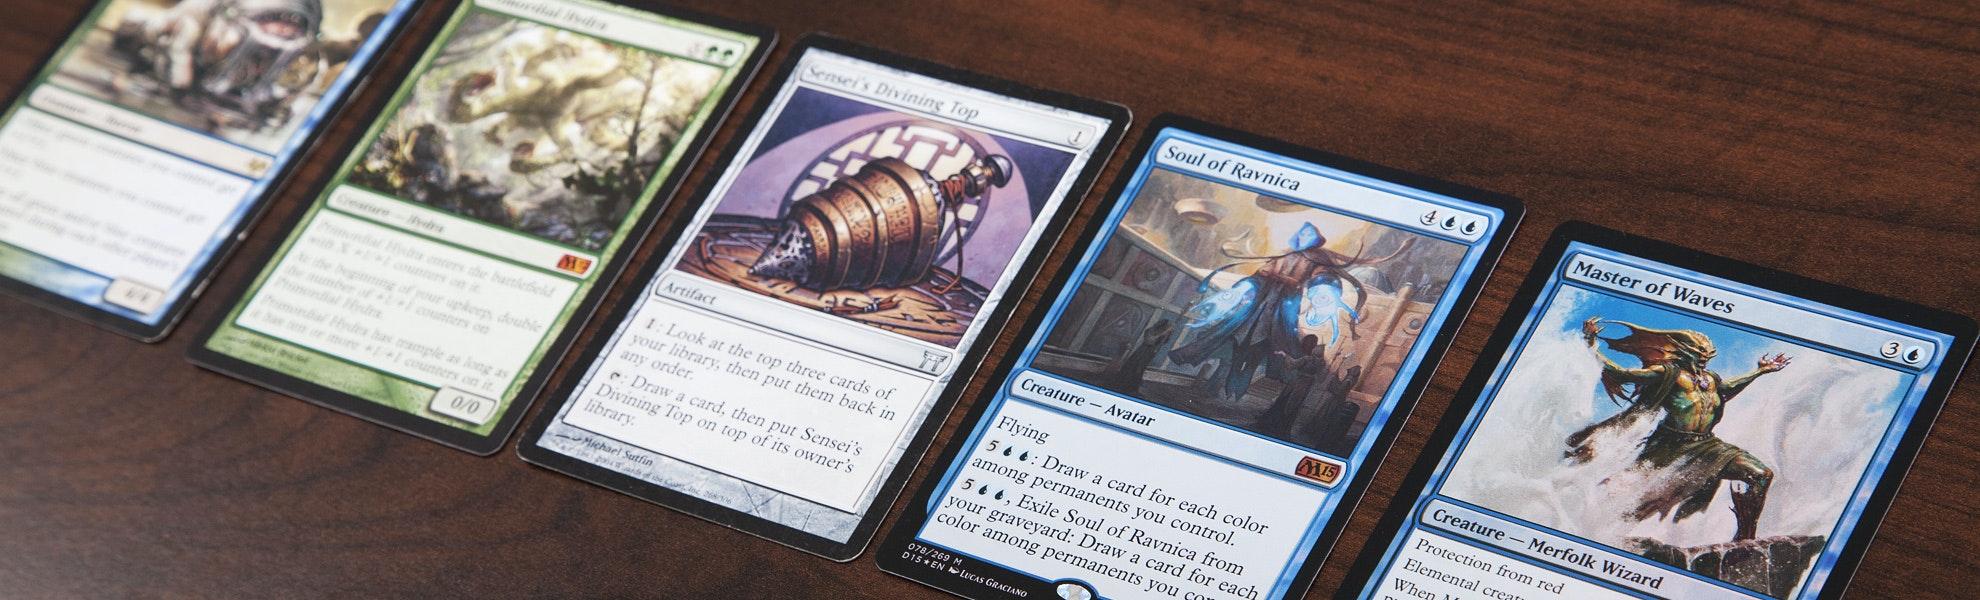 Magic Card Grab Bag